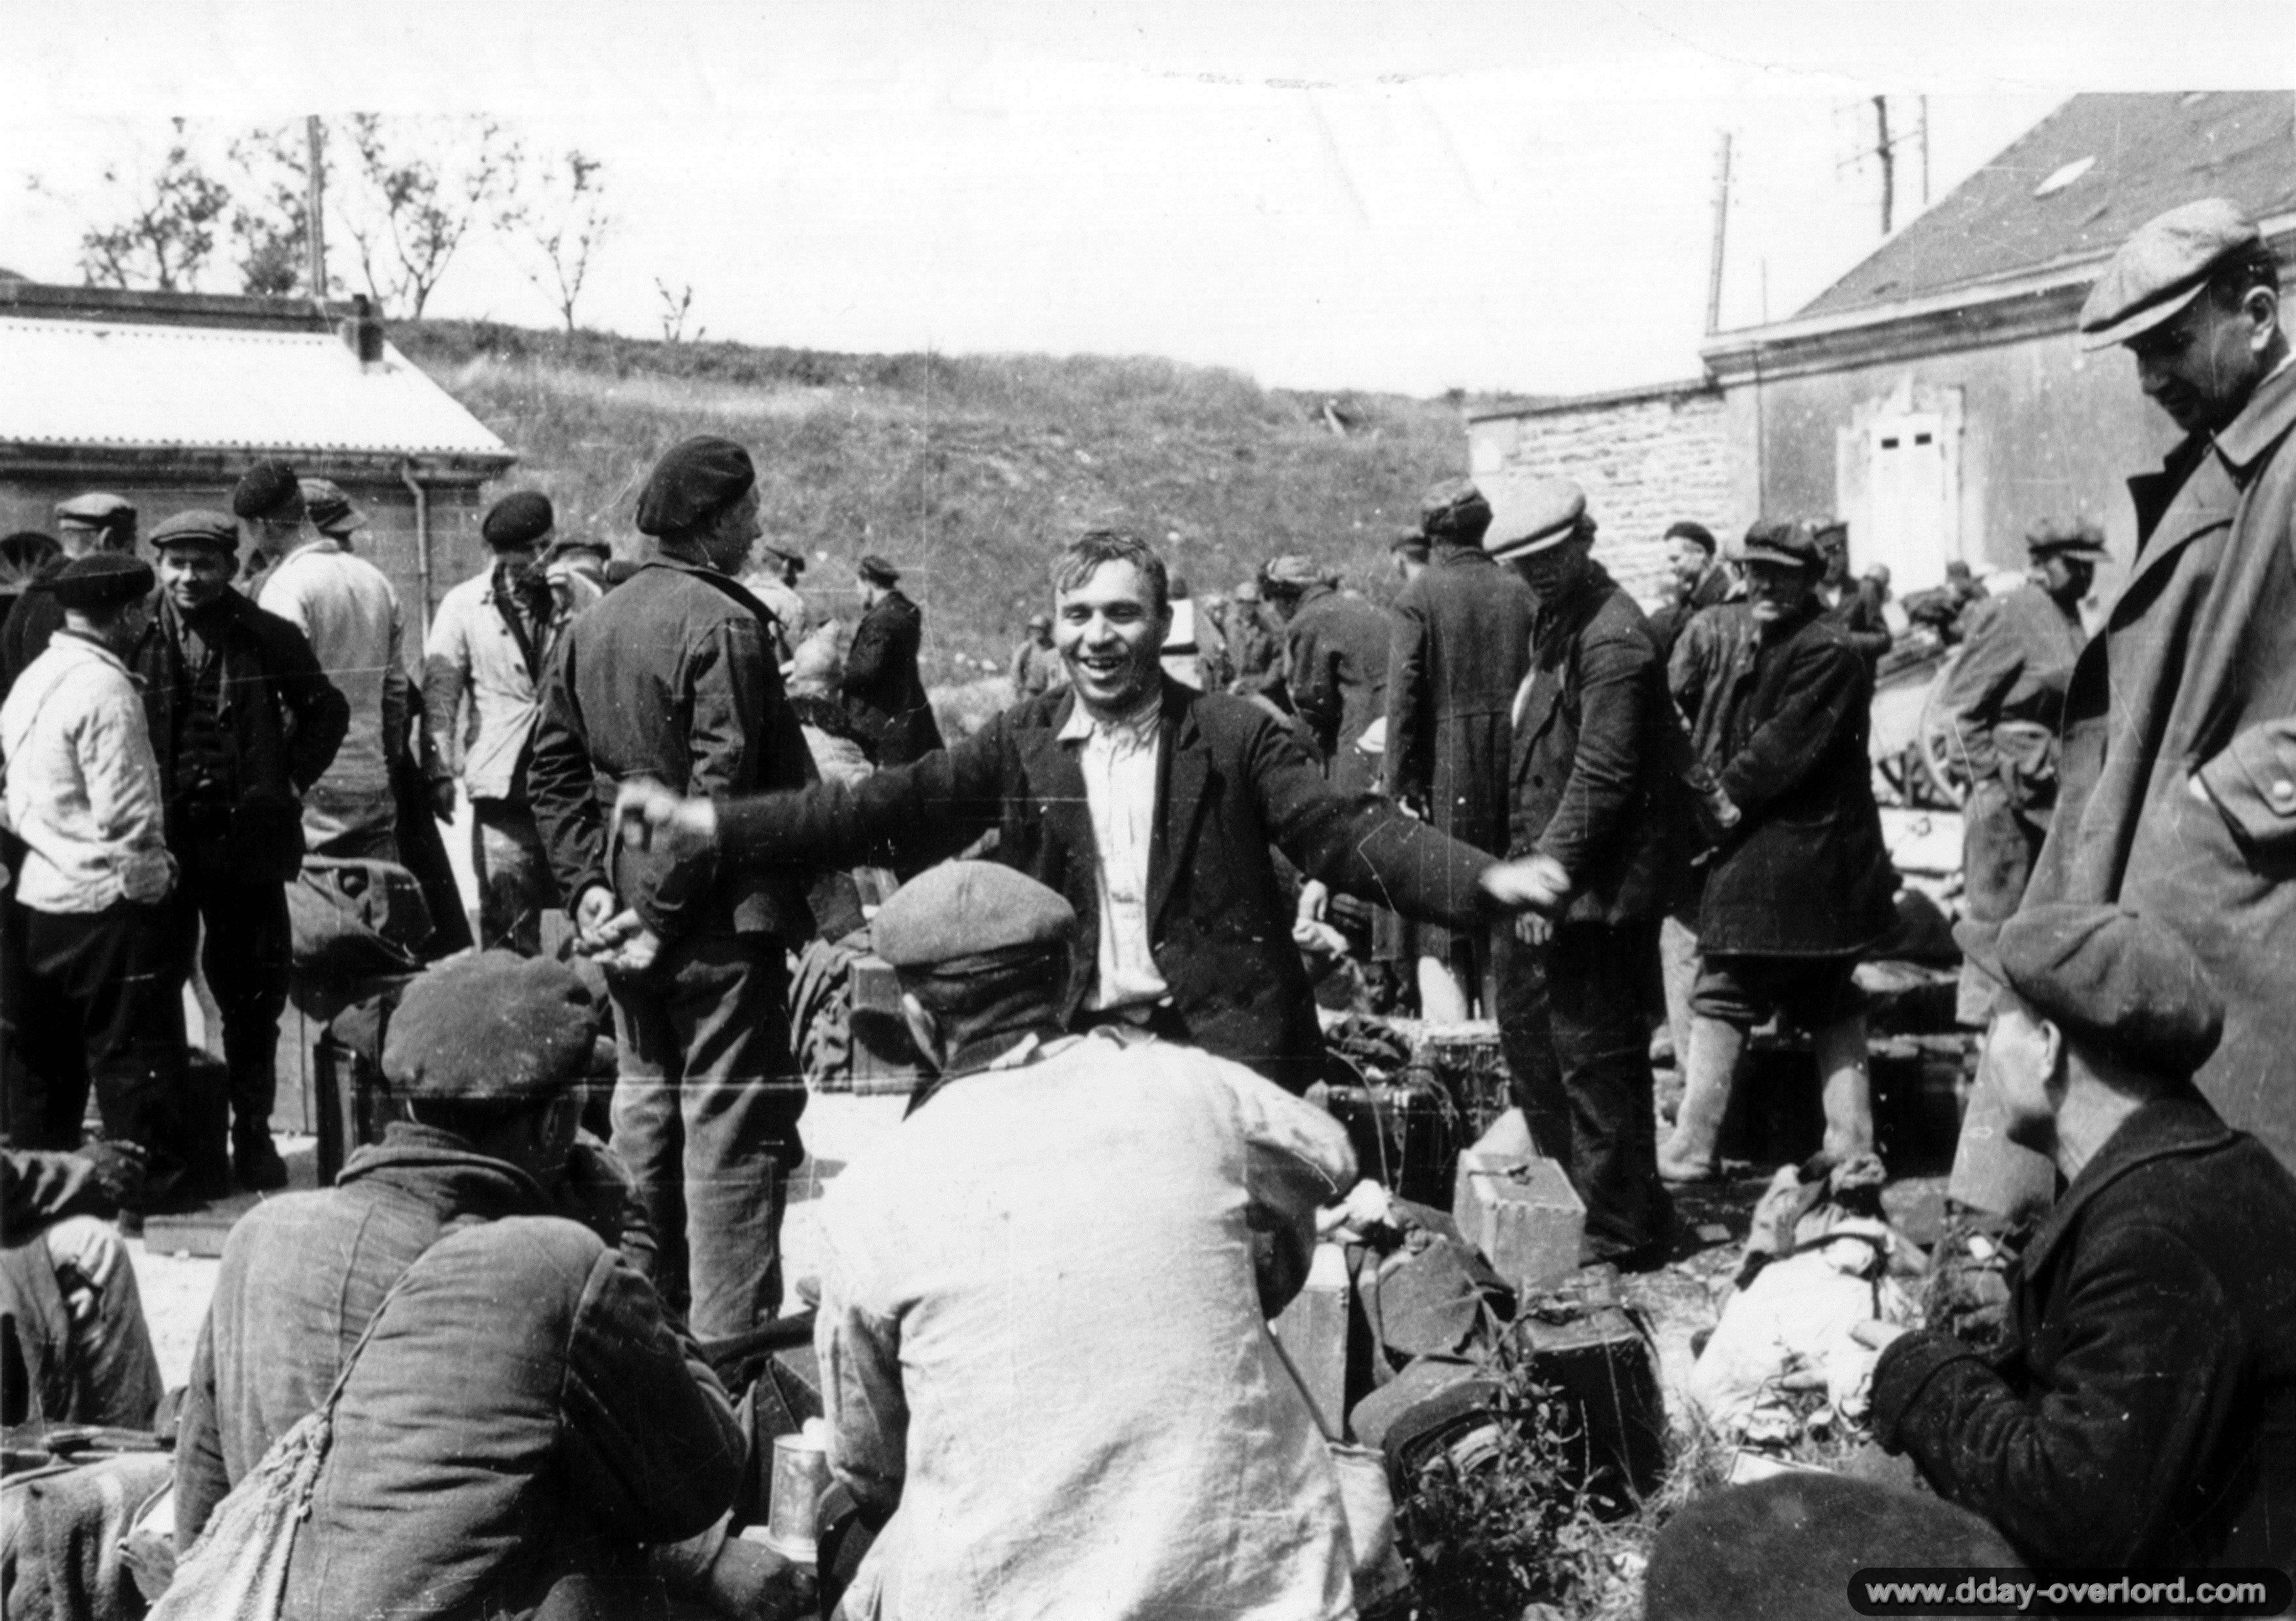 28 juin 1944: des travailleurs forcés soviétiques fêtent l'arrivée des Américains, Cherbourg.